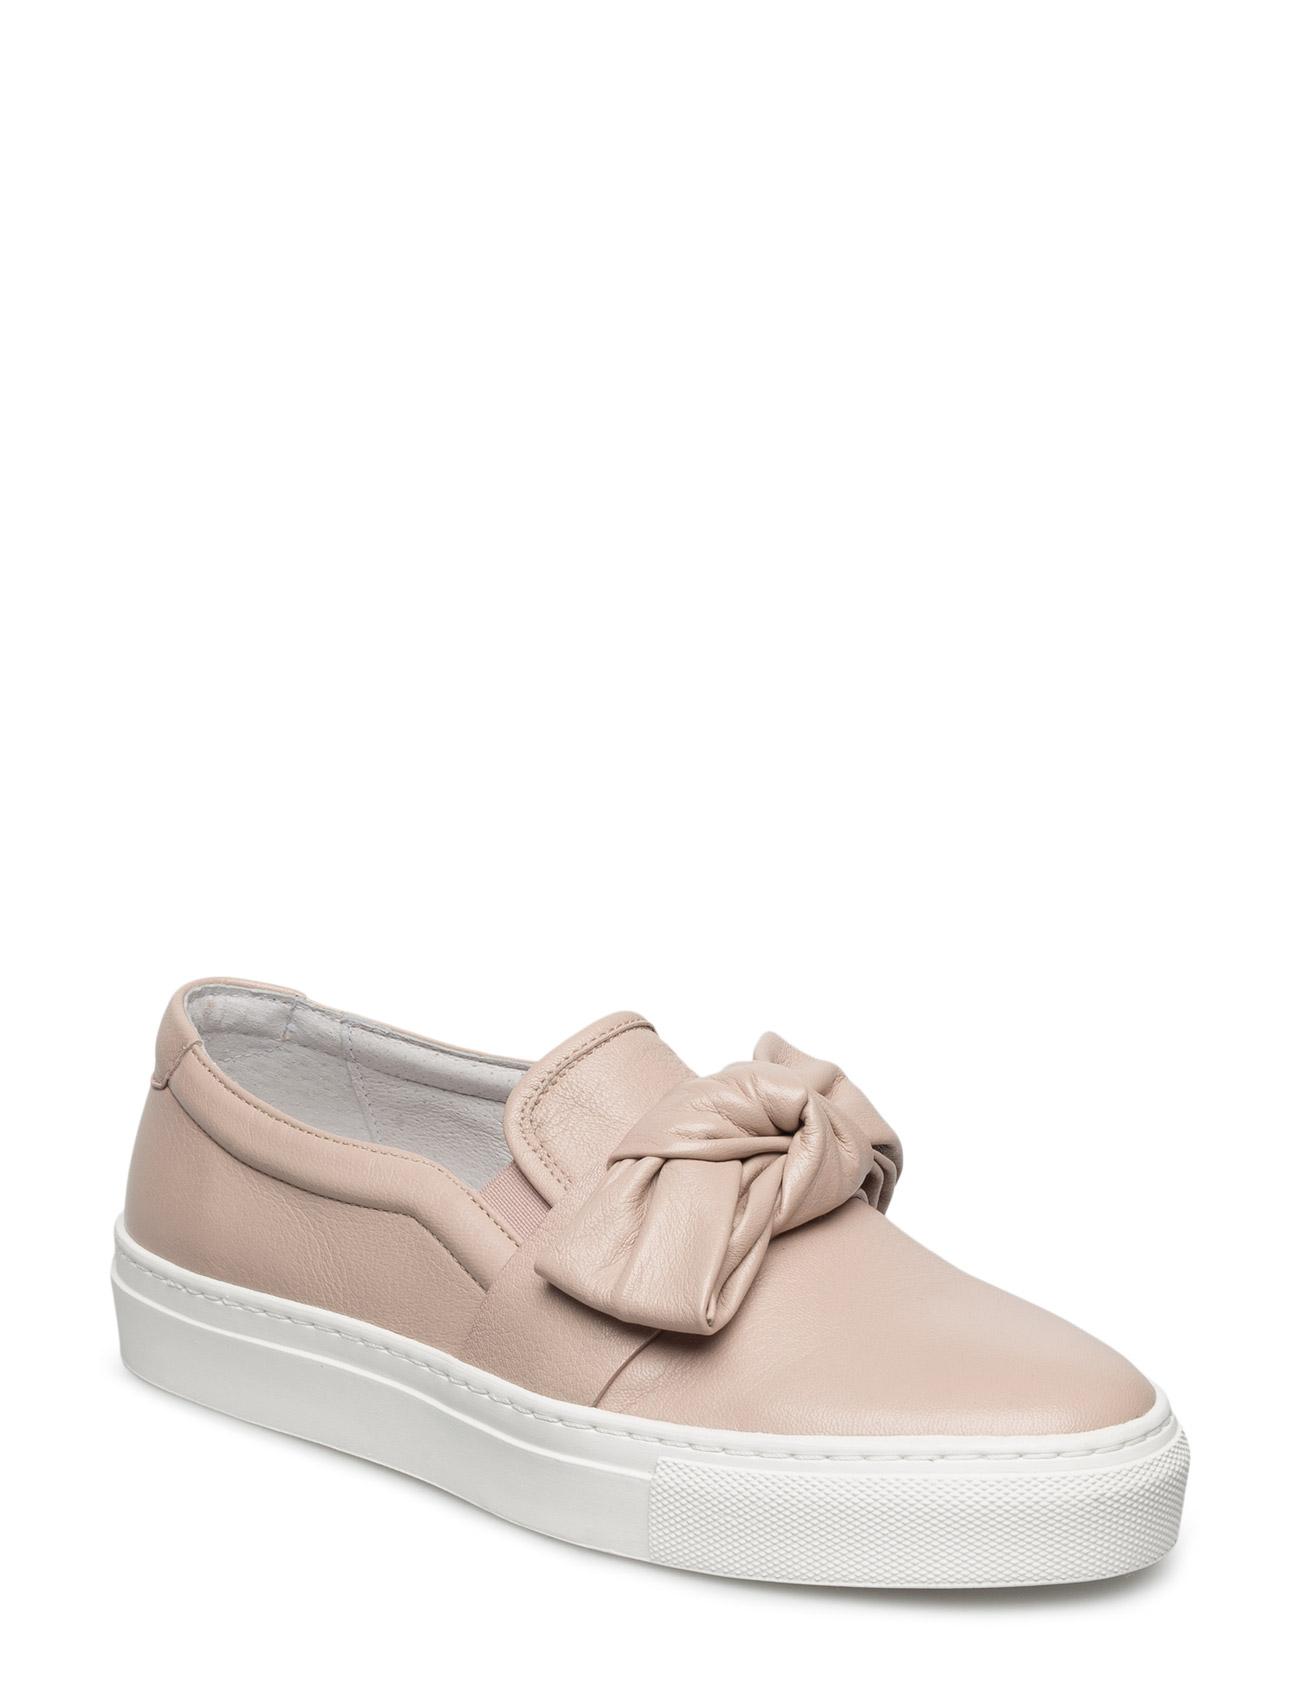 Shoes Billi Bi Sneakers til Kvinder i